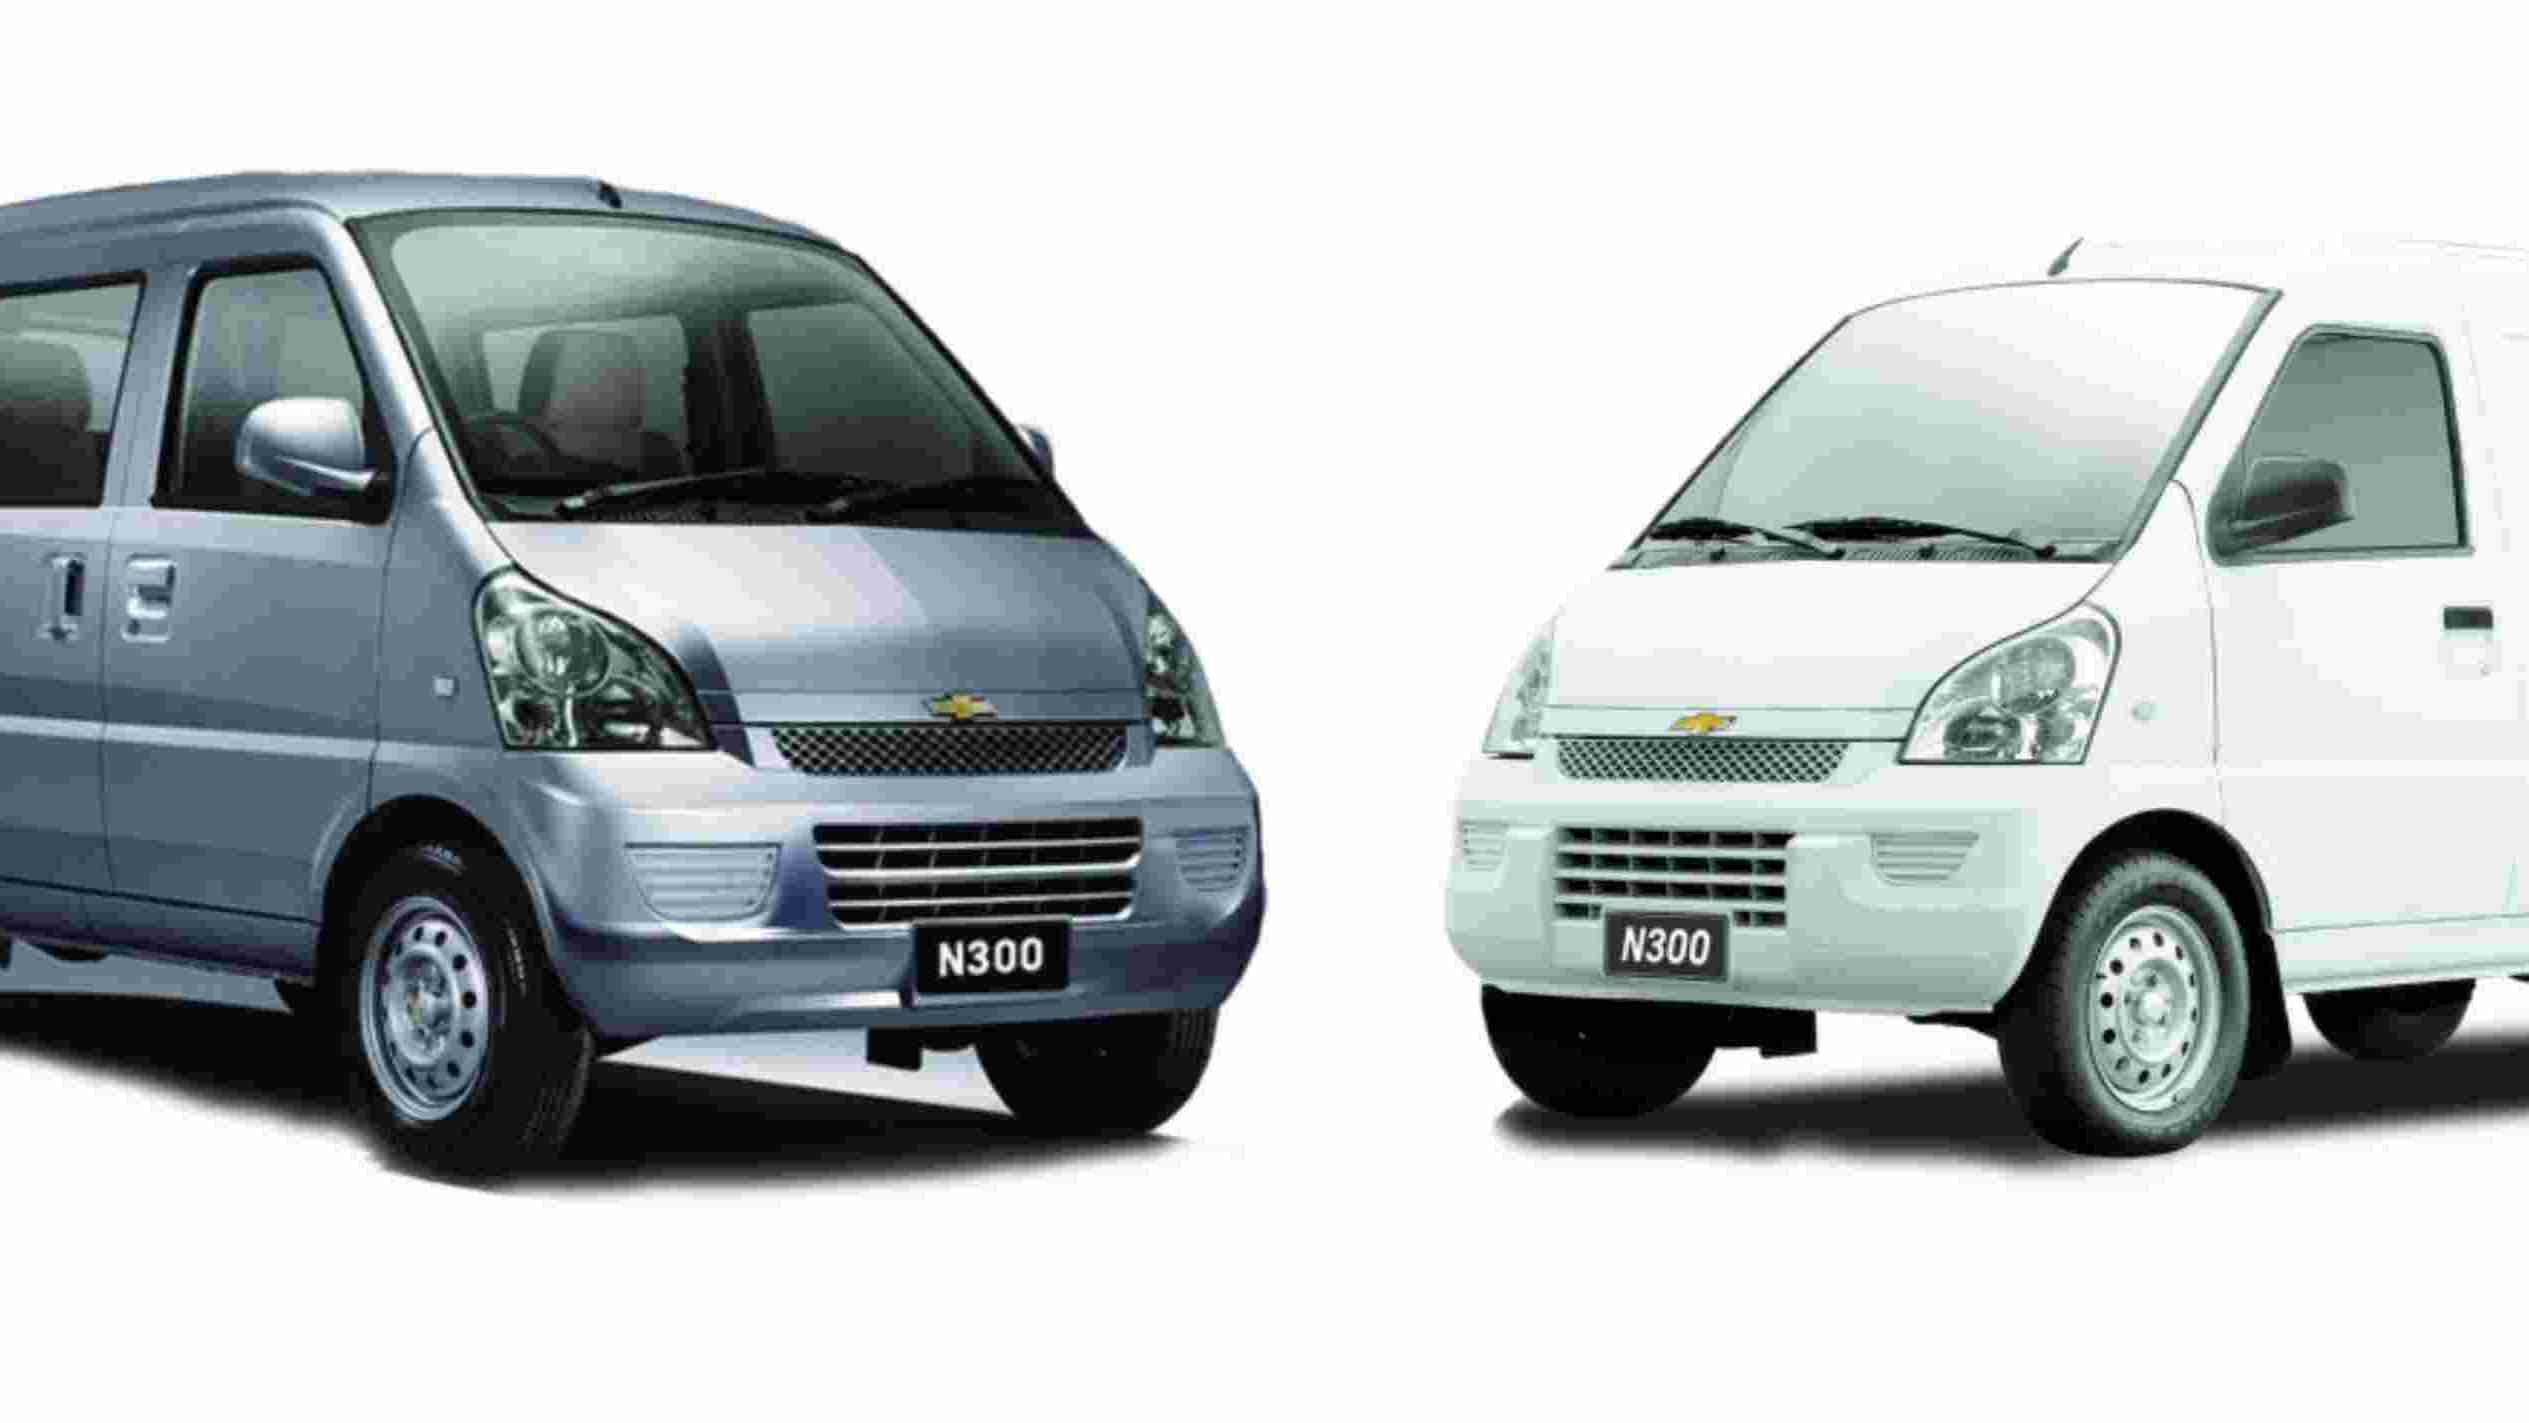 Los Modelos N300 De Chevrolet Ideales Para El Trabajo Duro Noticias De El Salvador Elsalvador Com